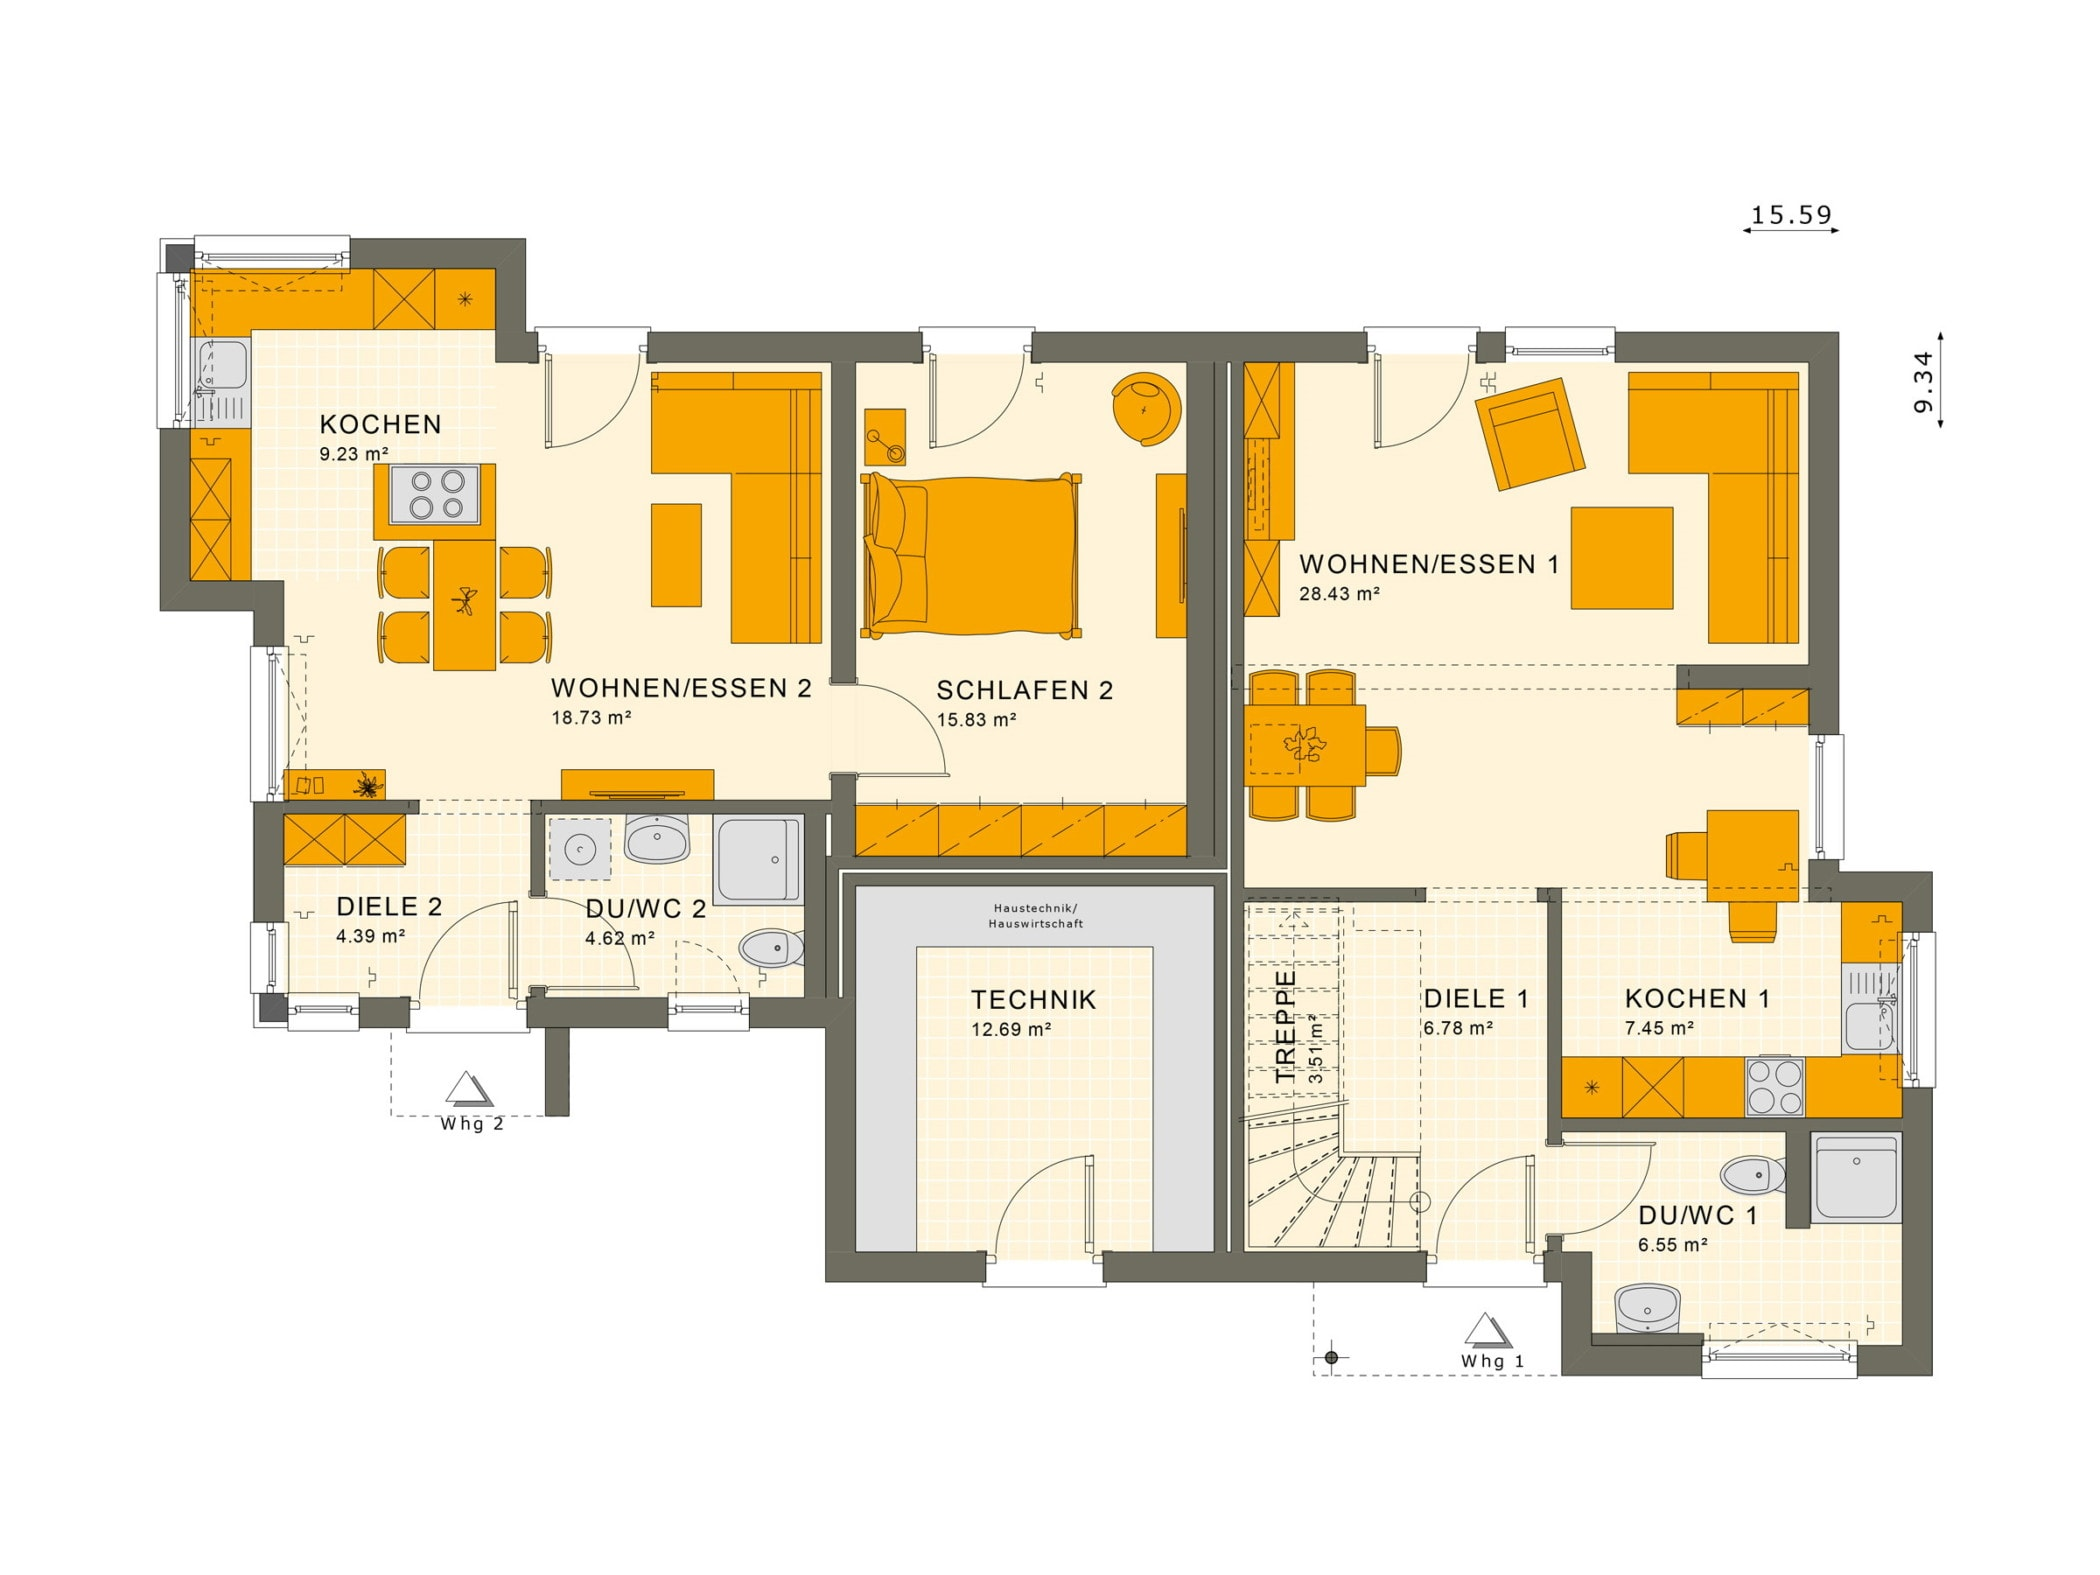 Grundriss Einfamilienhaus mit Einliegerwohnung im Anbau - Fertighaus schlüsselfertig bauen Ideen Living Haus SOLUTION 183 V5 - HausbauDirekt.de